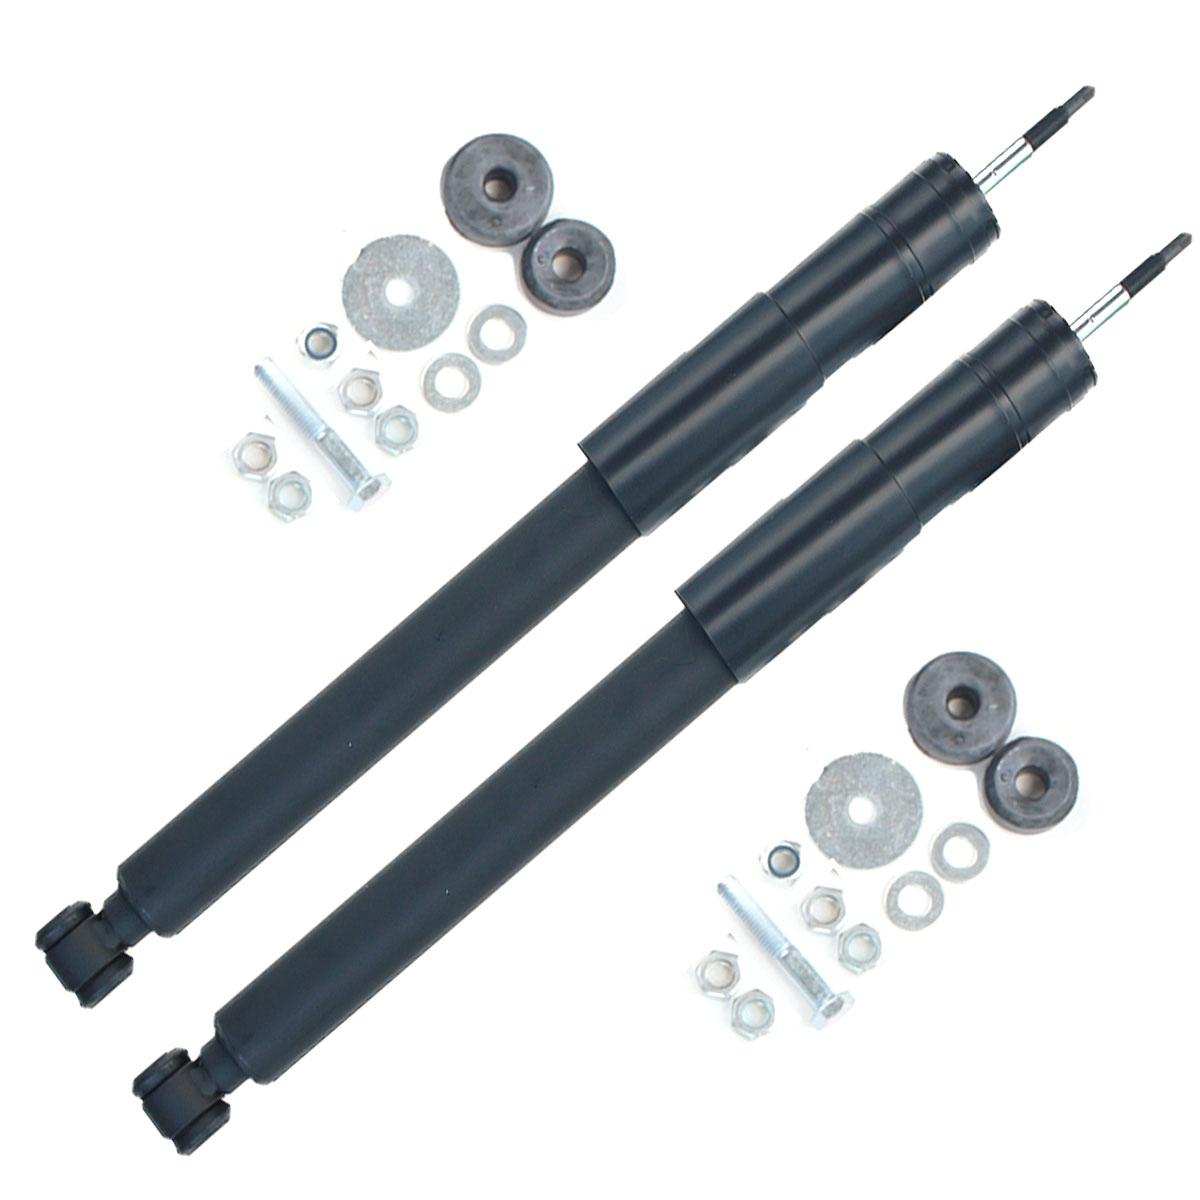 2x Stoßdämpfer Hinterachse Hinten für Mercedes C-Klasse W203 S203 CL203, SD09537